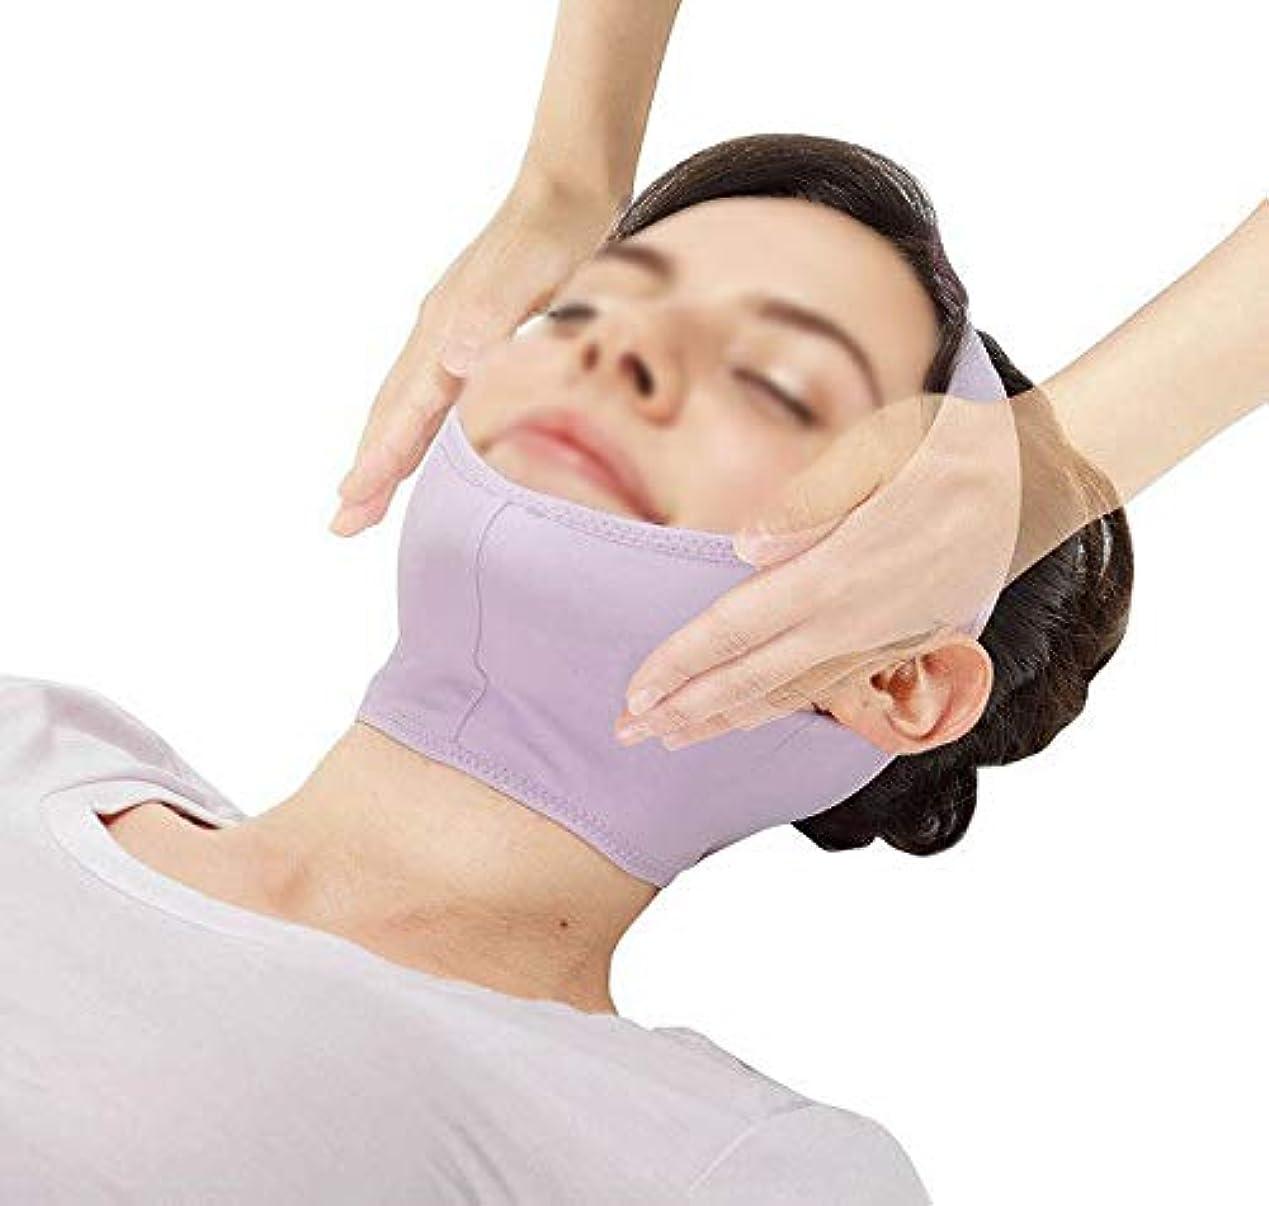 反応する段階高潔なLJK フェイシャルマスク、フェイスリフトアーティファクトマスク垂れ下がった顔小さなV顔包帯通気性睡眠ダブルチン減量マスク